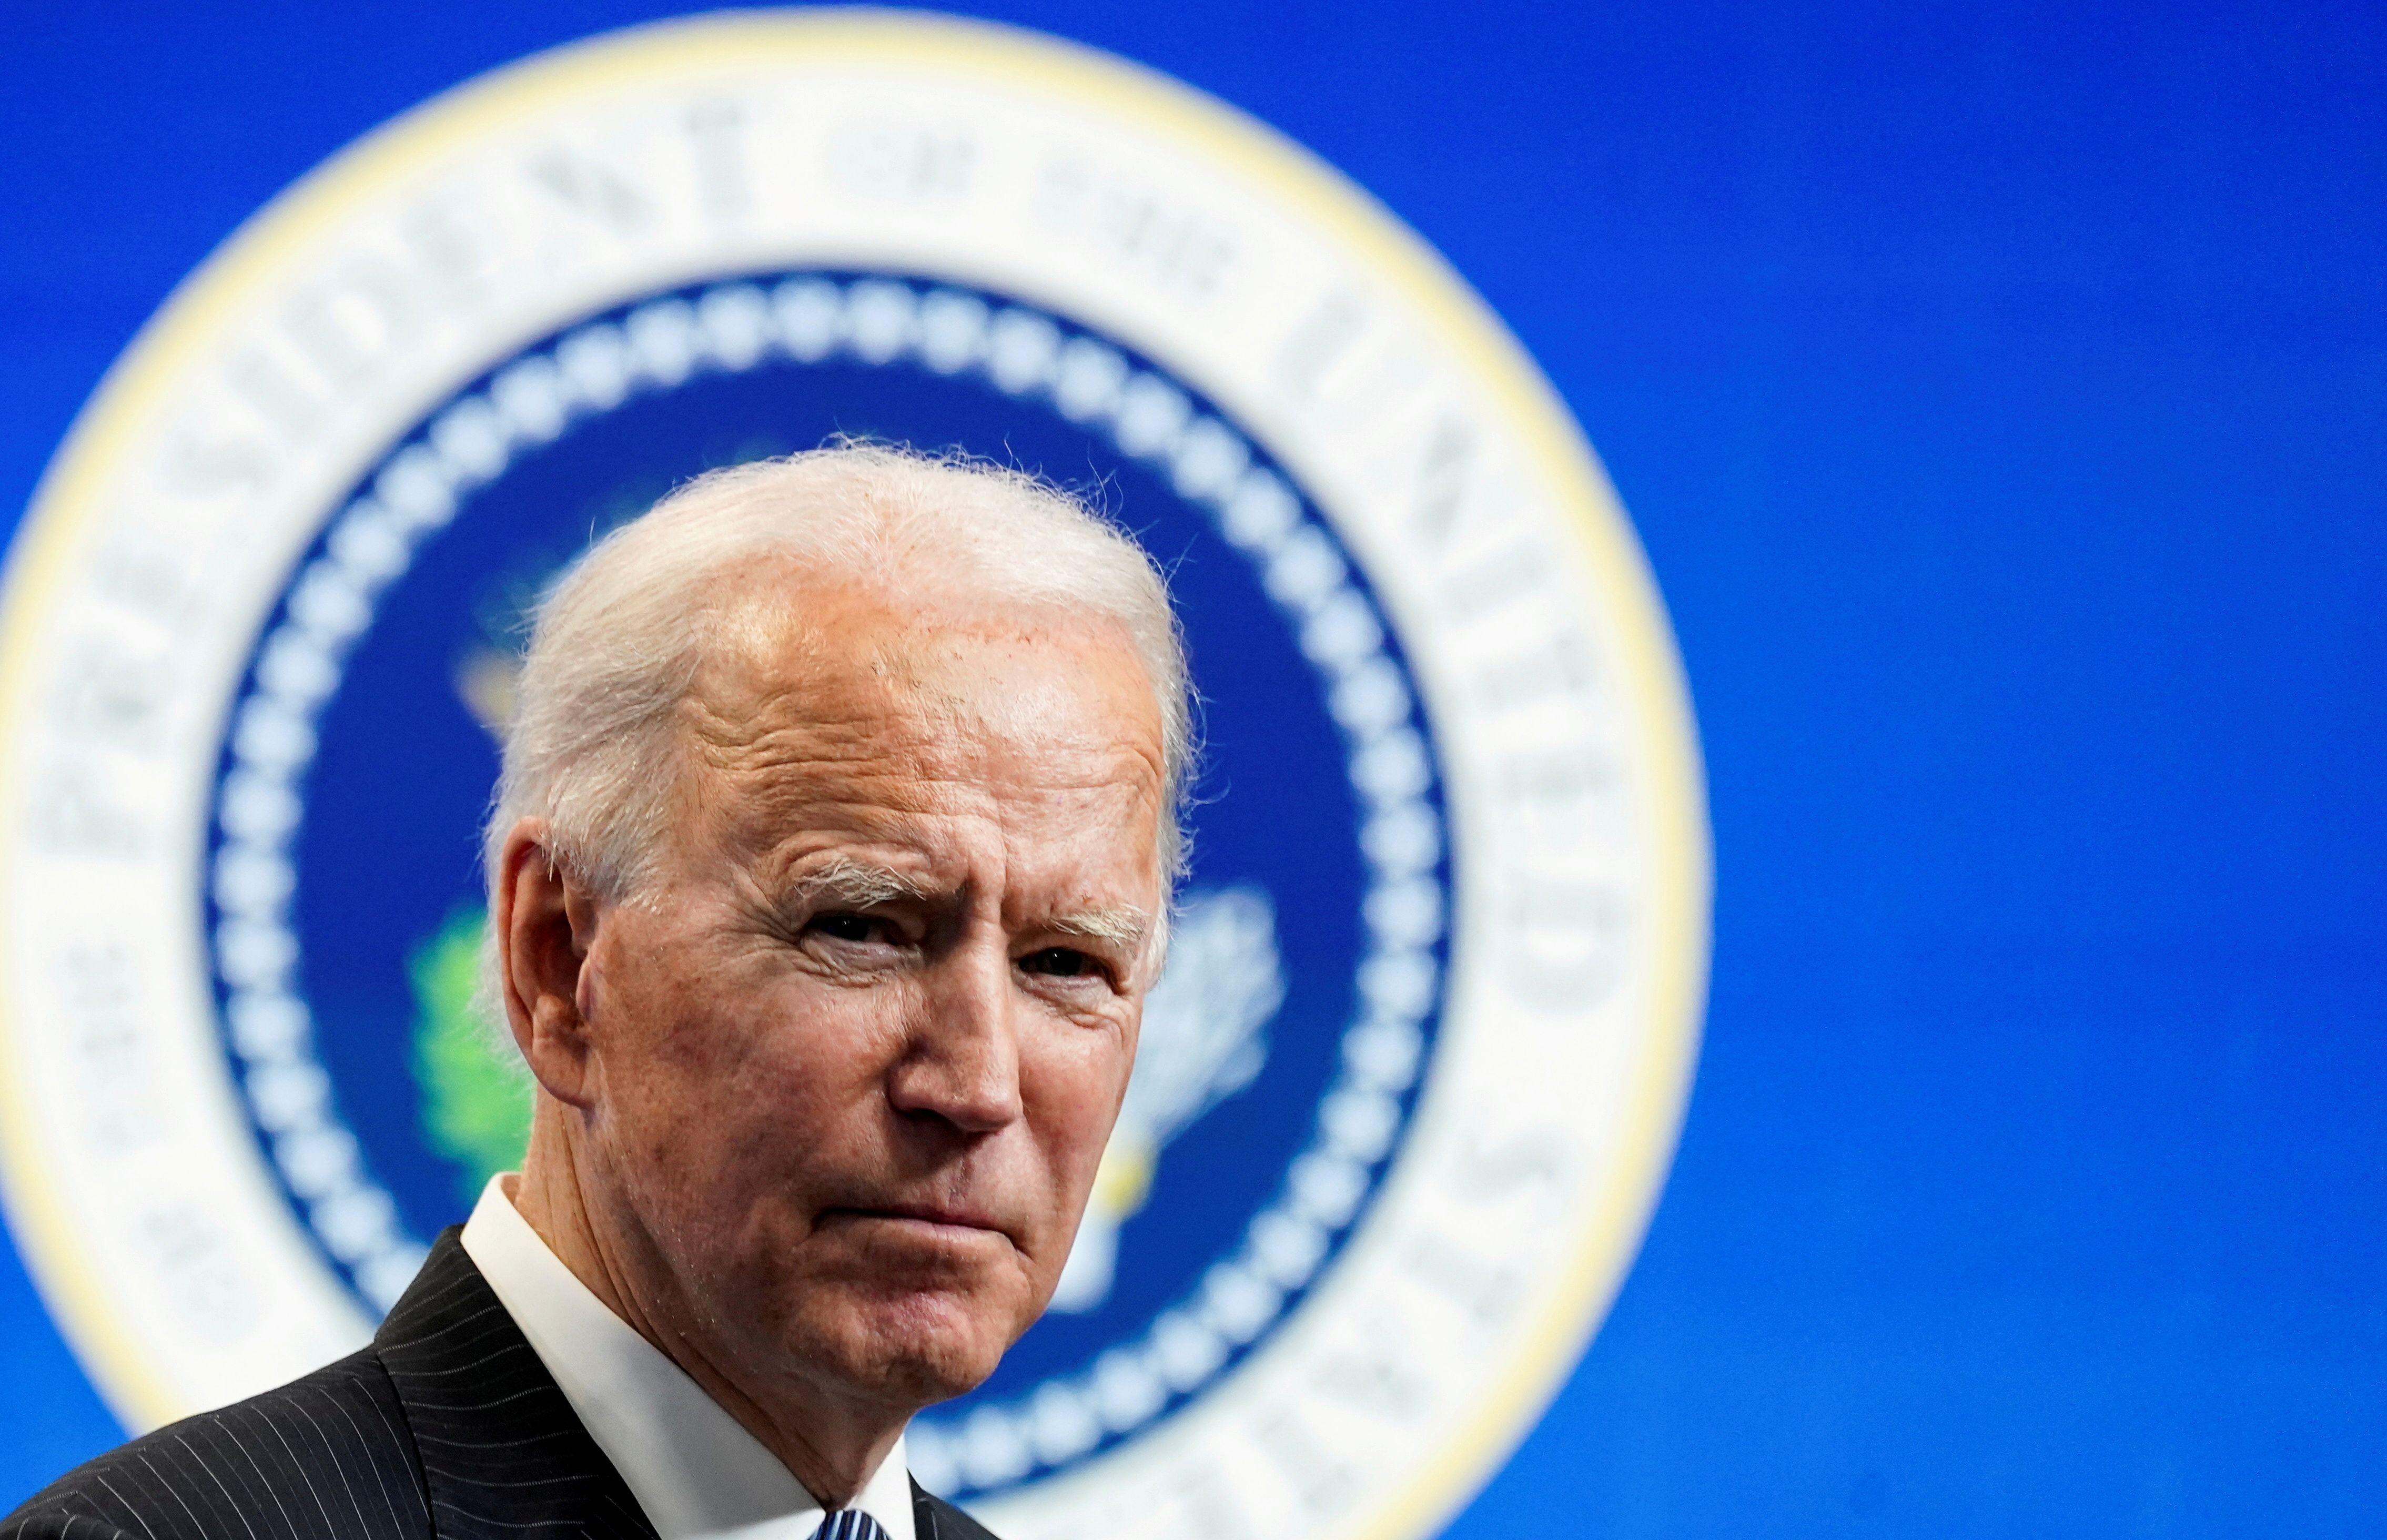 Joe Biden, ici photographié le 25 janvier à la Maison Blanche, est devenu le premier président des États-Unis...